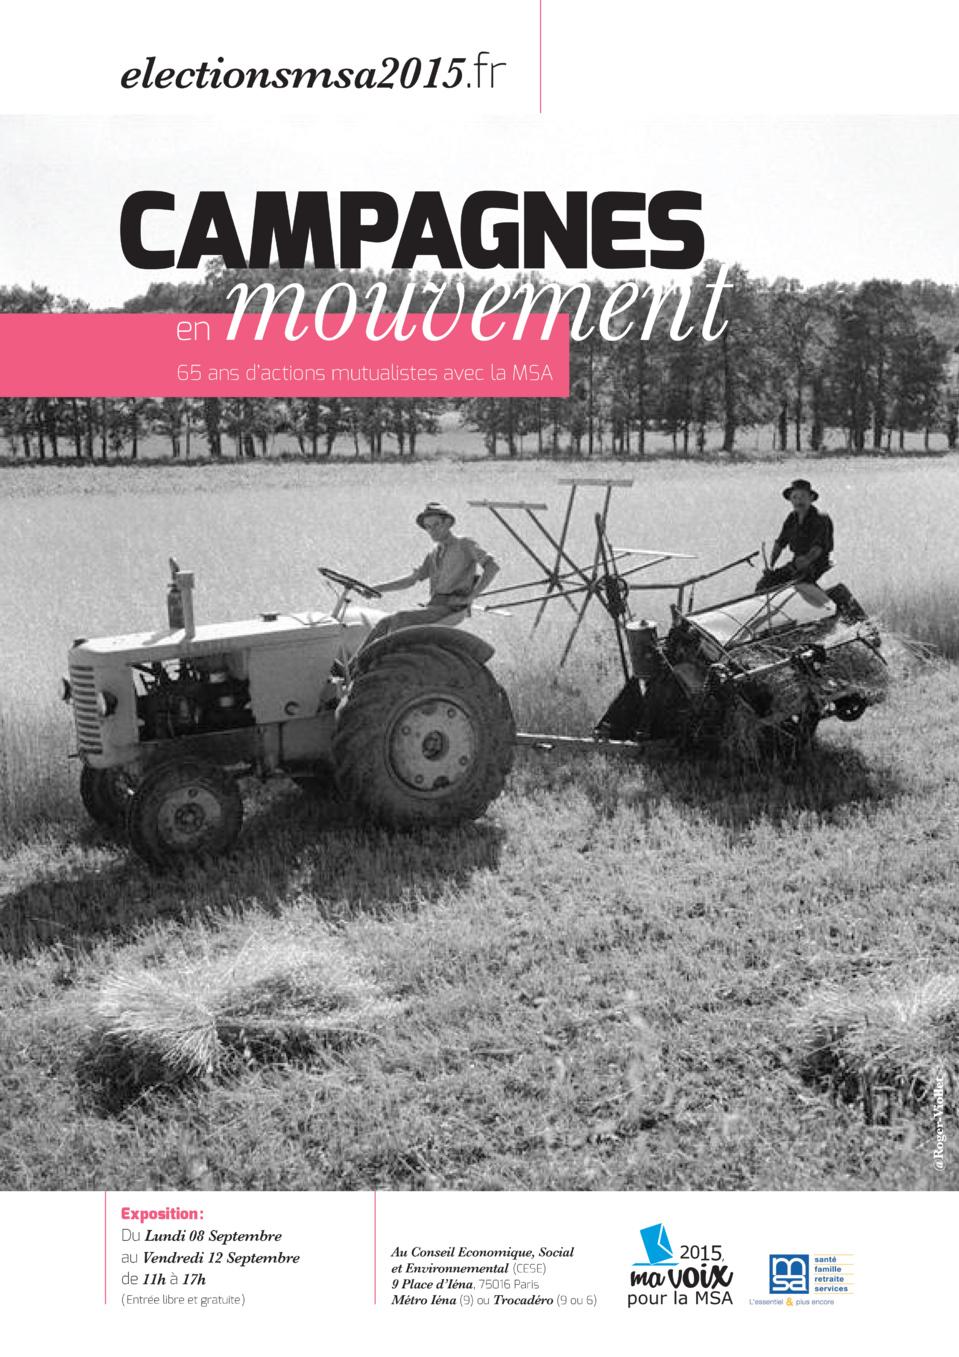 L'EXPOSITION « CAMPAGNES EN MOUVEMENT »  PART EN TOURNEE DANS TOUTE LA FRANCE !